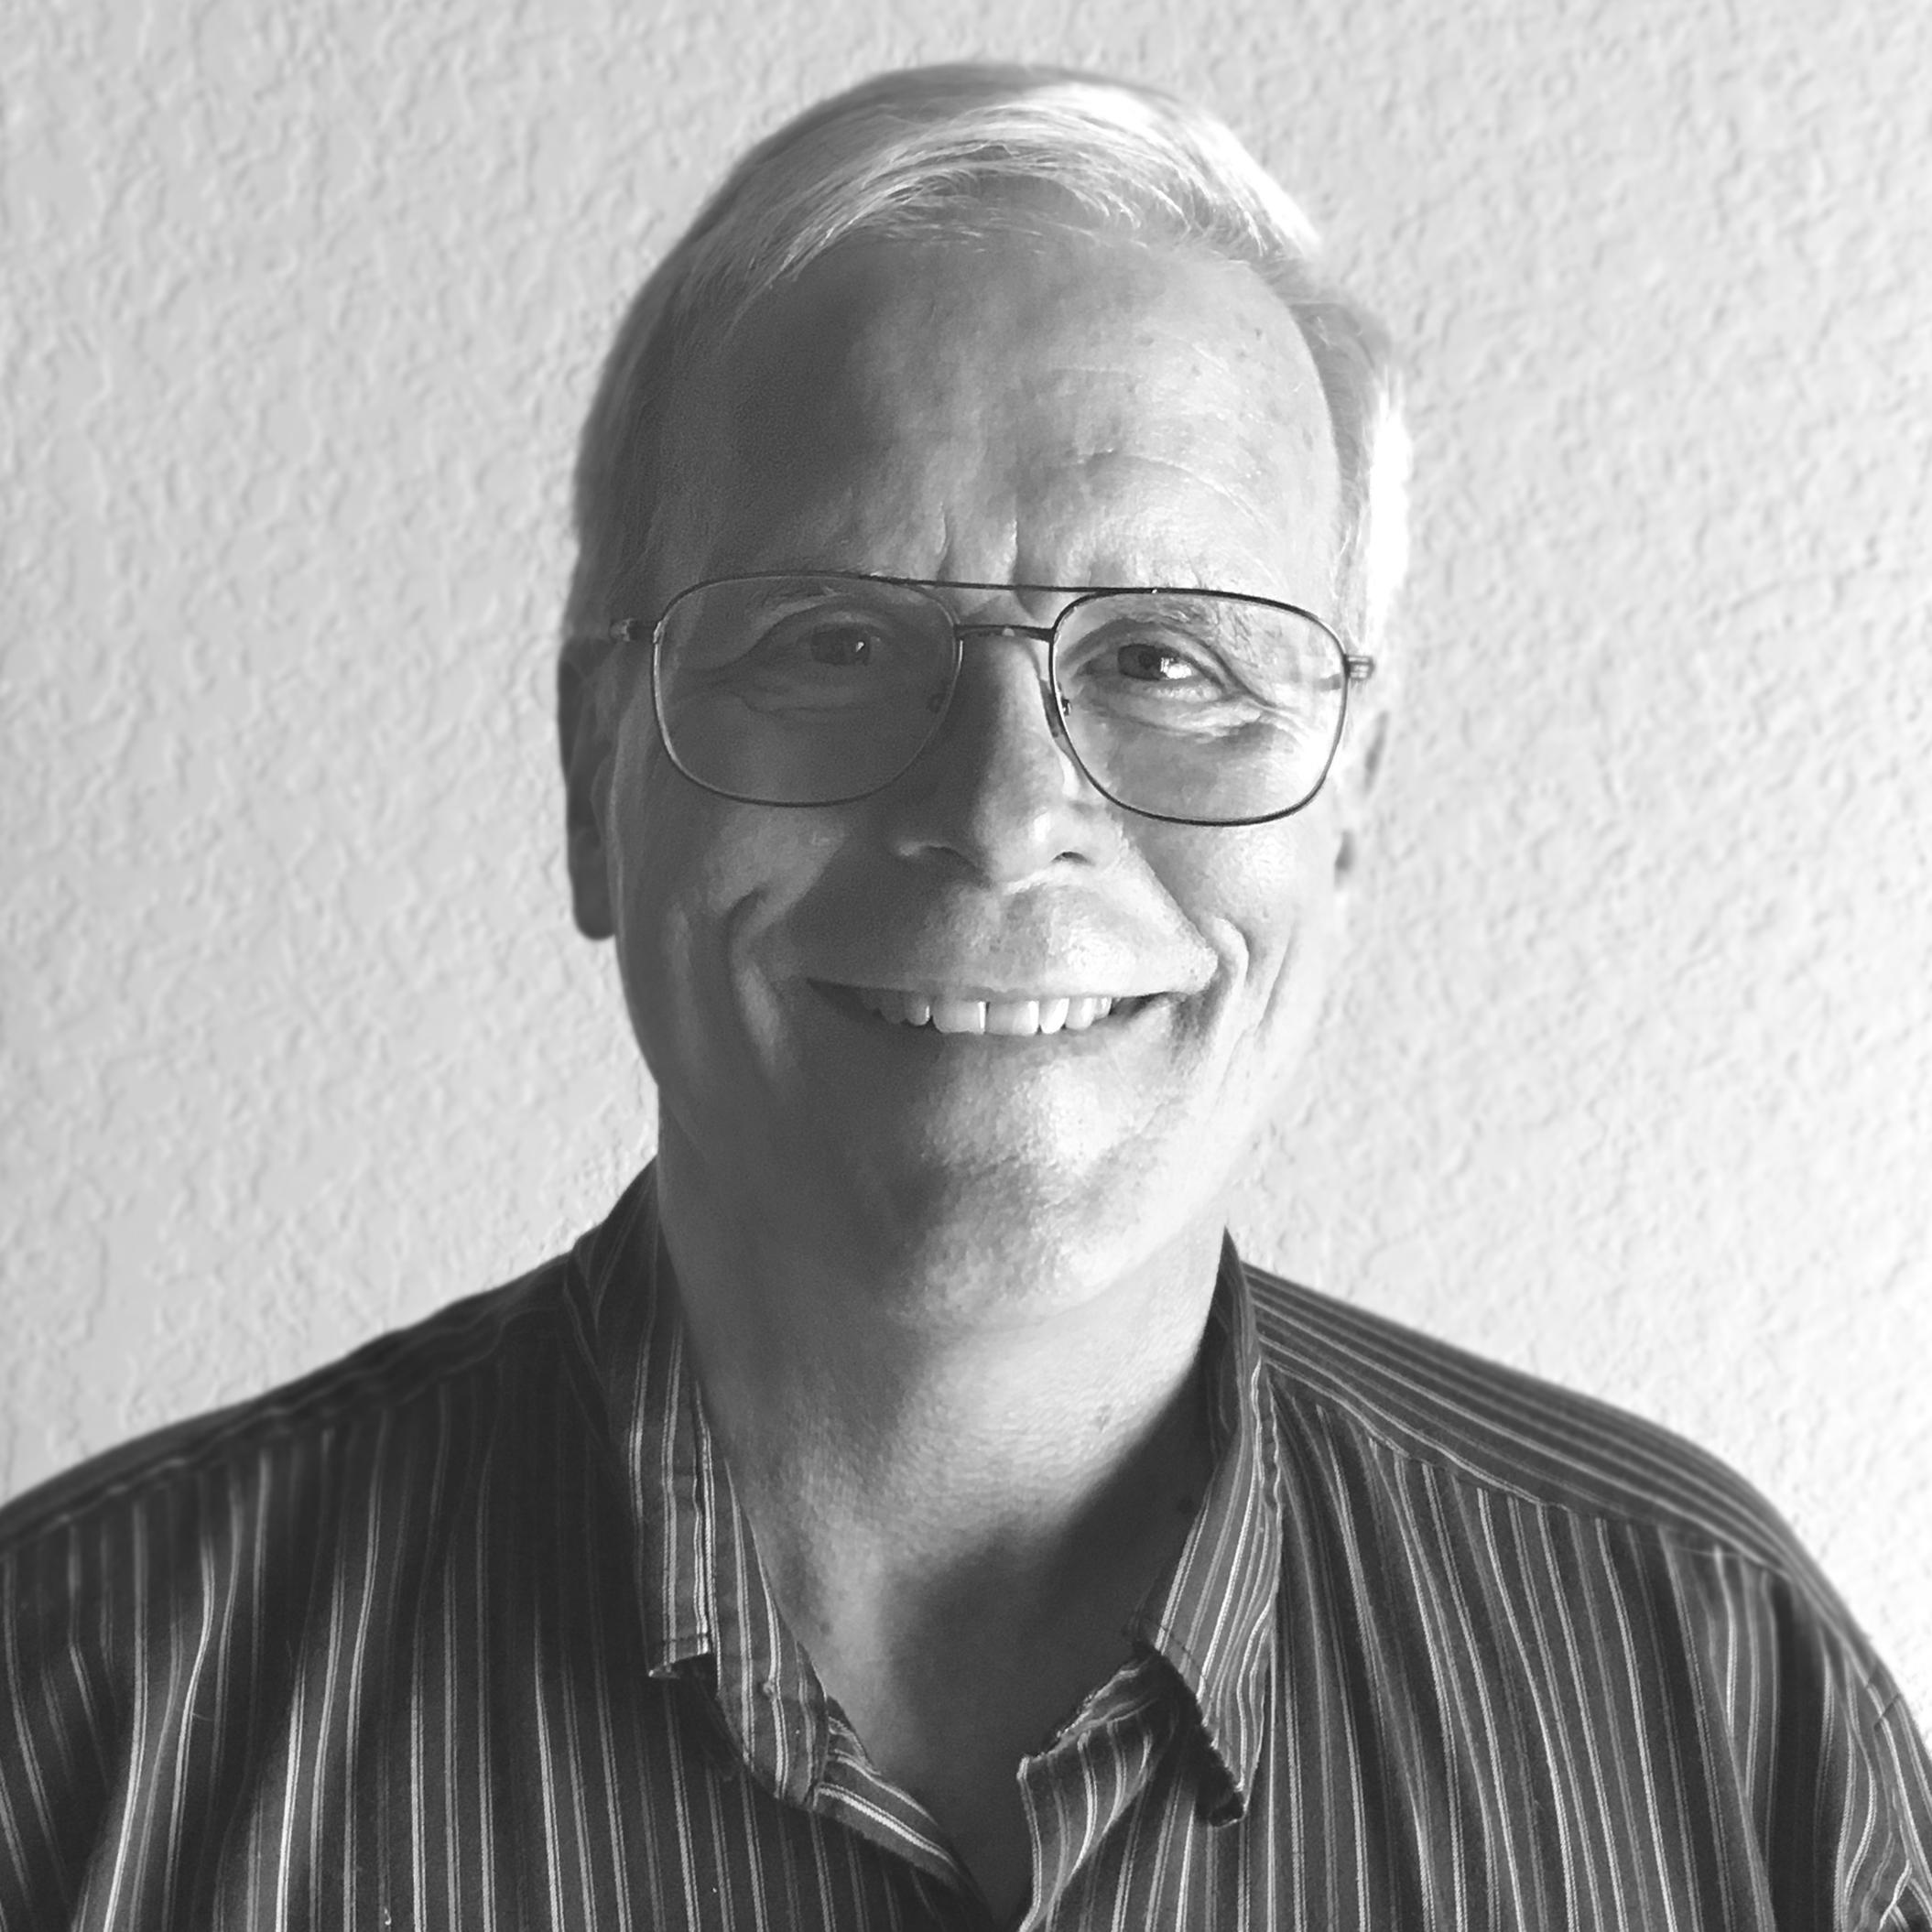 Bob Odom portrait